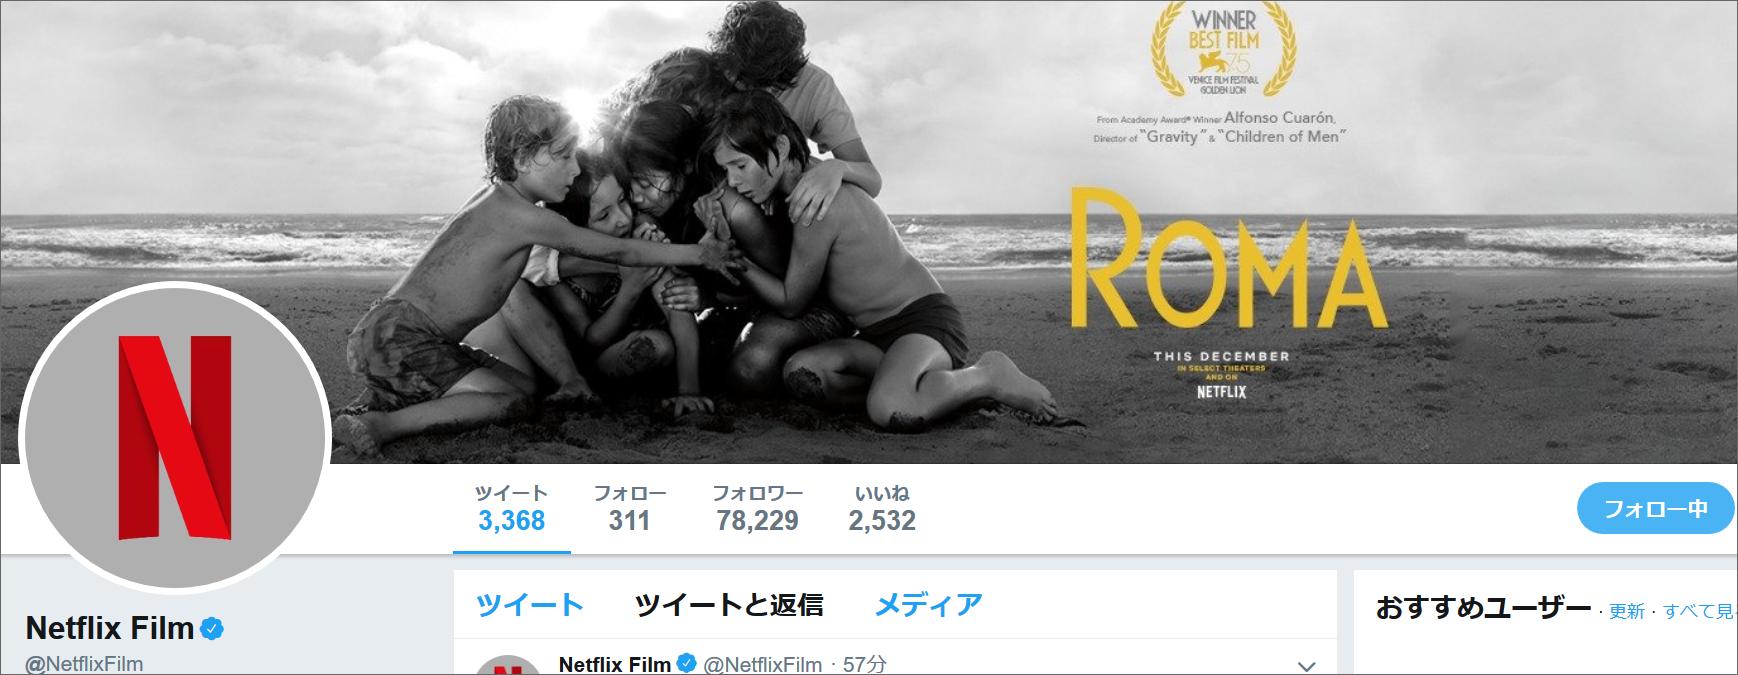 画像:Netflix FilmのTwitter公式アカウントイメージ